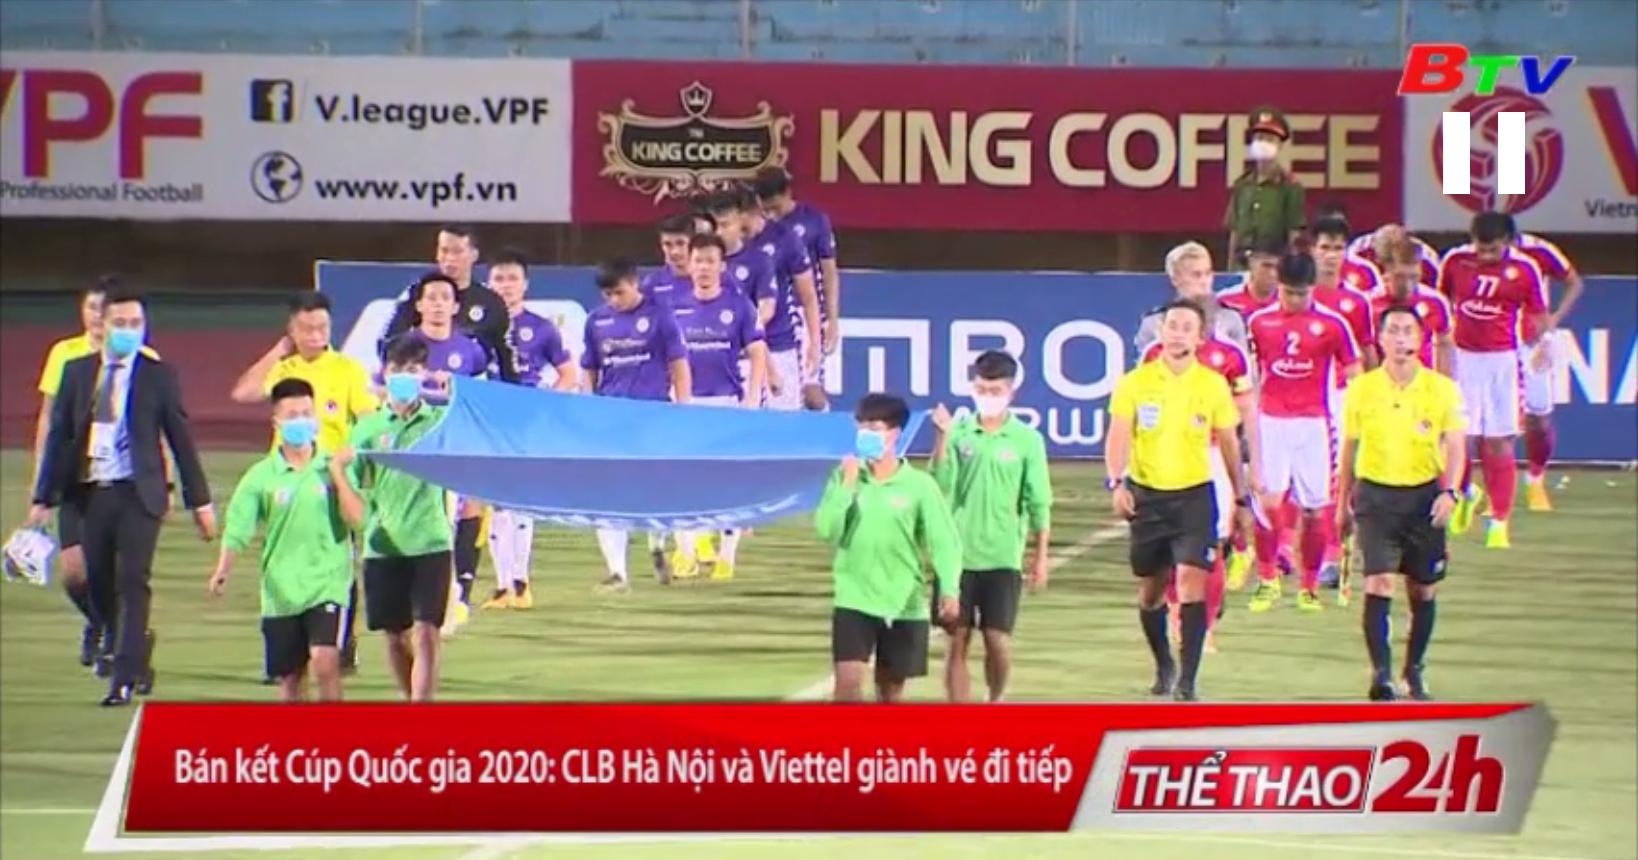 Bán kết Cúp Quốc gia 2020 - CLB Hà Nội và Viettel giành vé đi tiếp